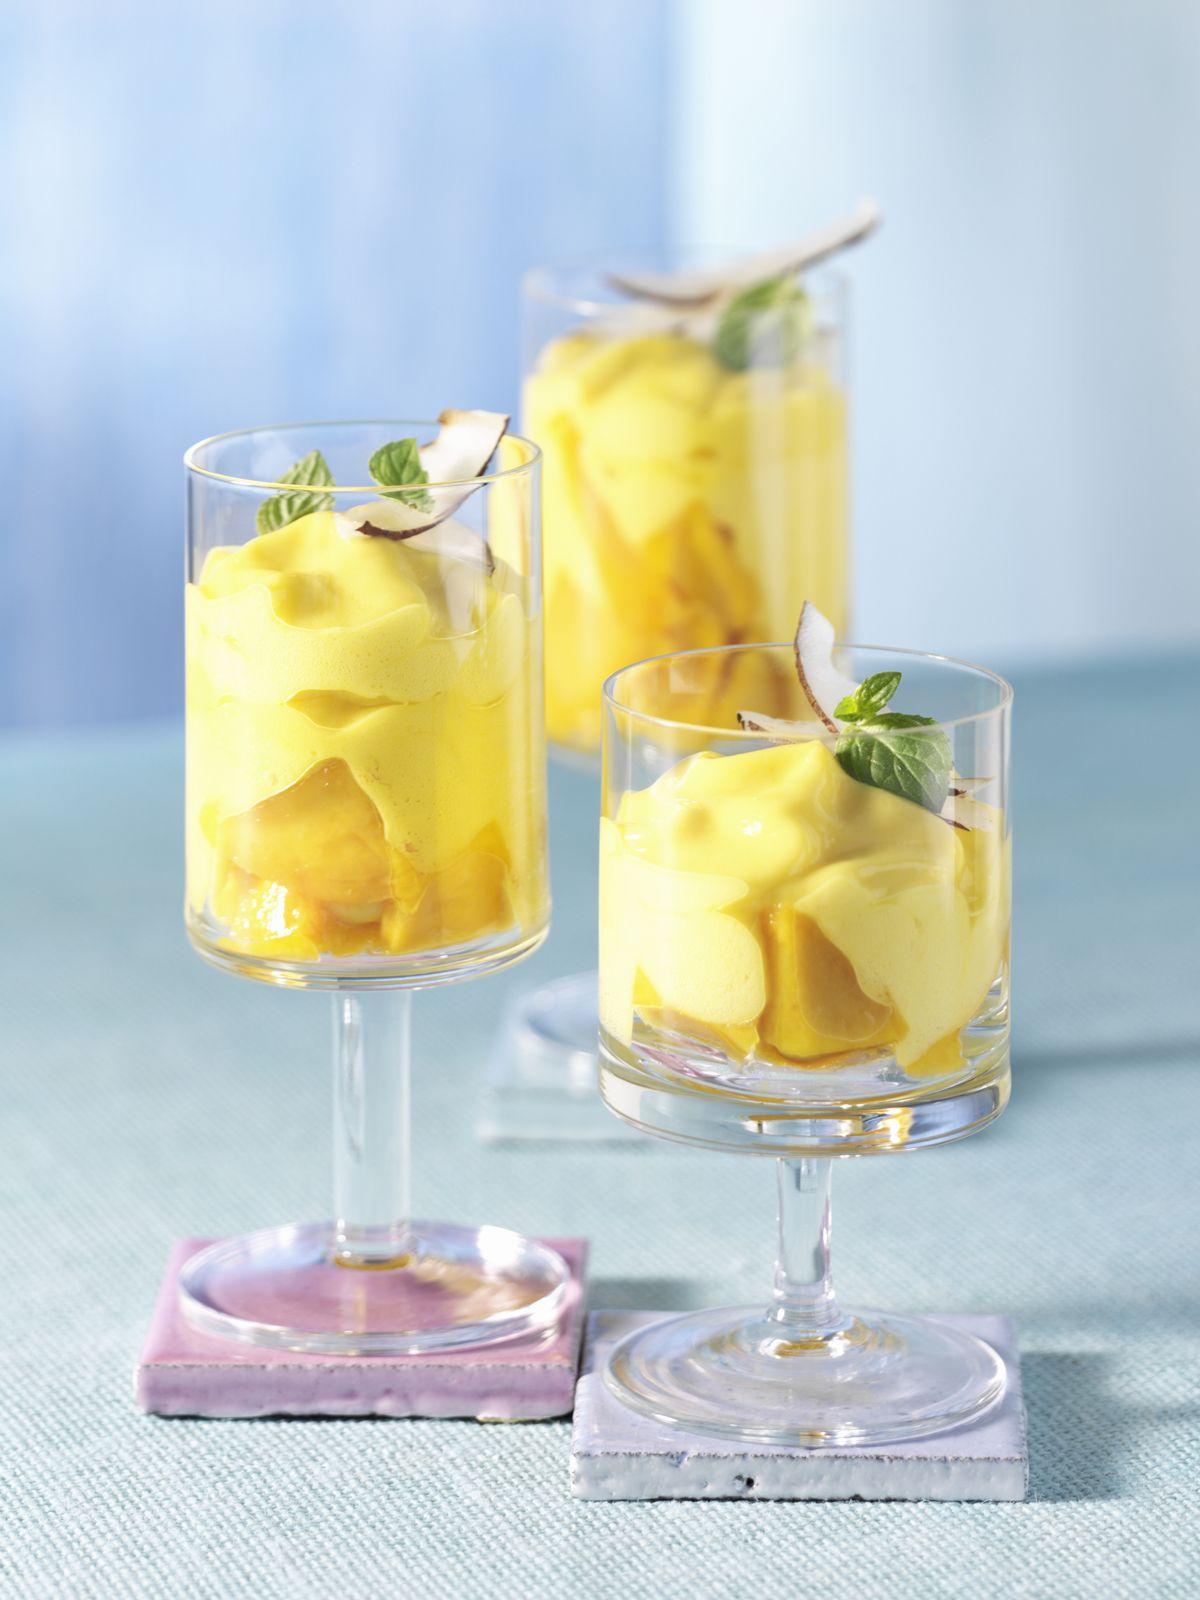 Mango-Kokos-Smoothie Rezept | EAT SMARTER